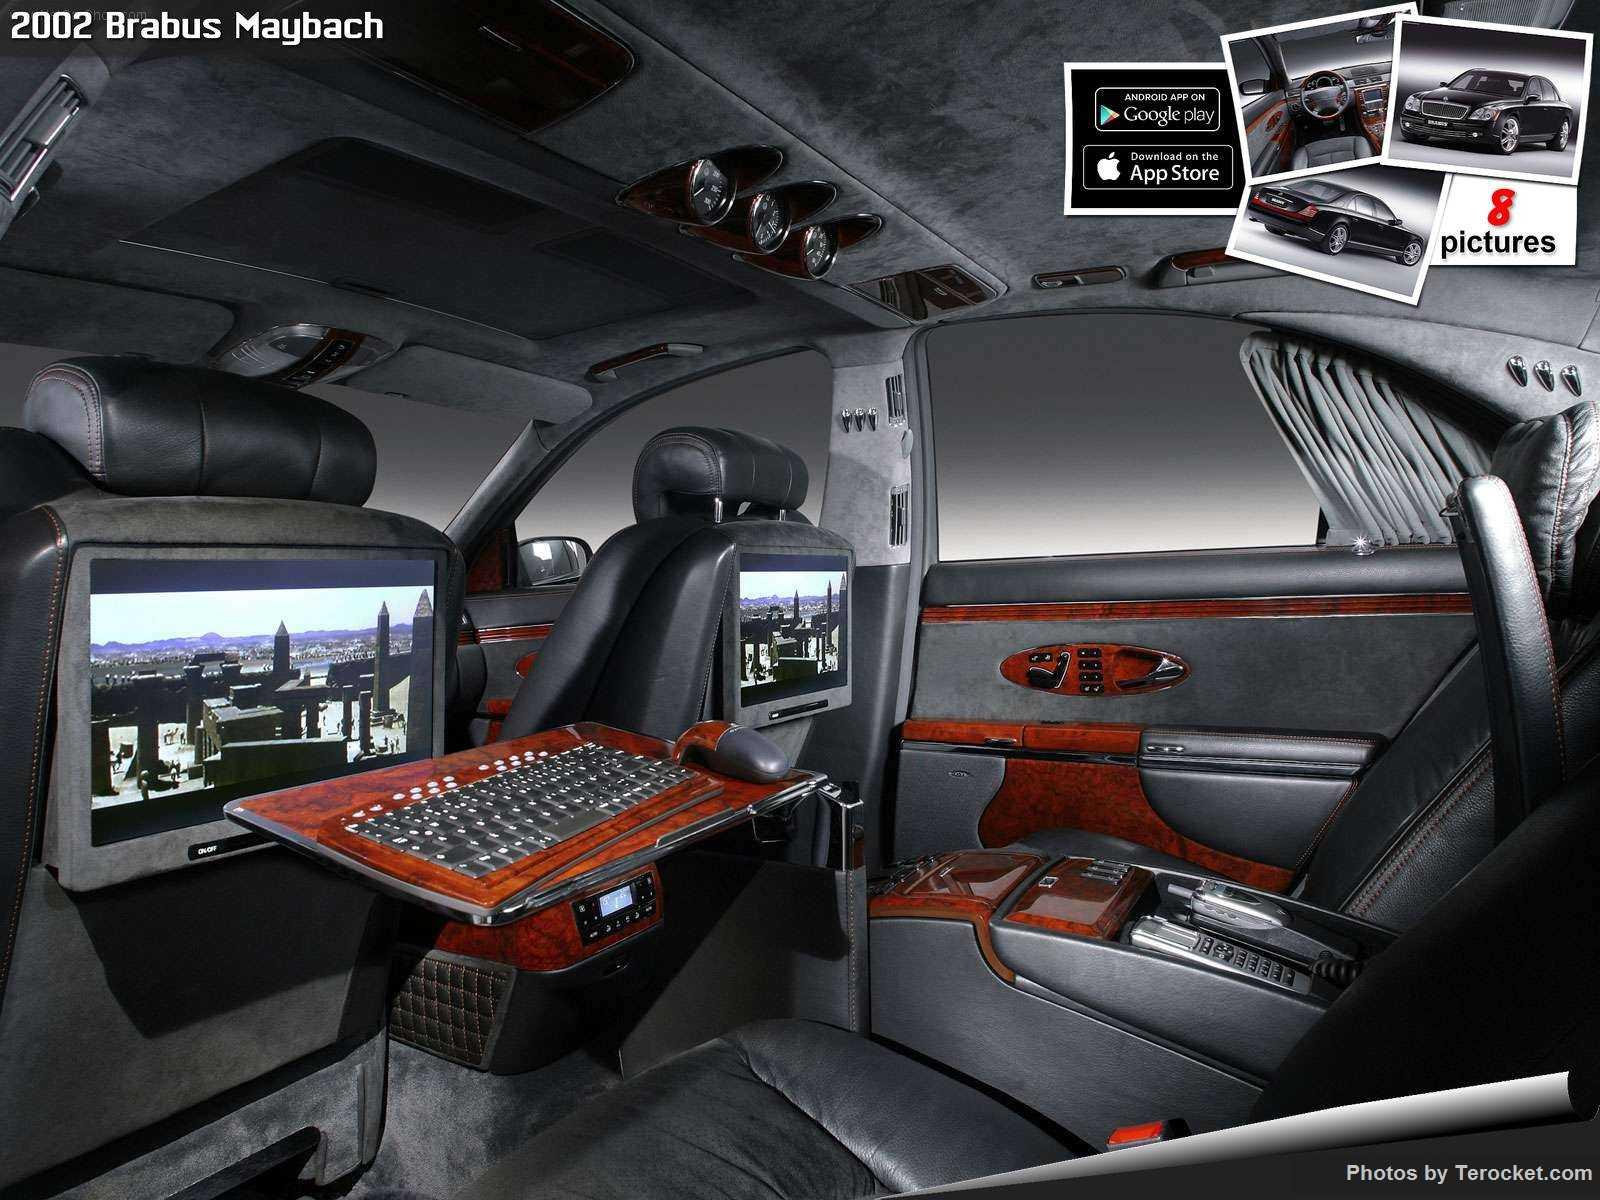 Hình ảnh xe ô tô Brabus Maybach 2002 & nội ngoại thất